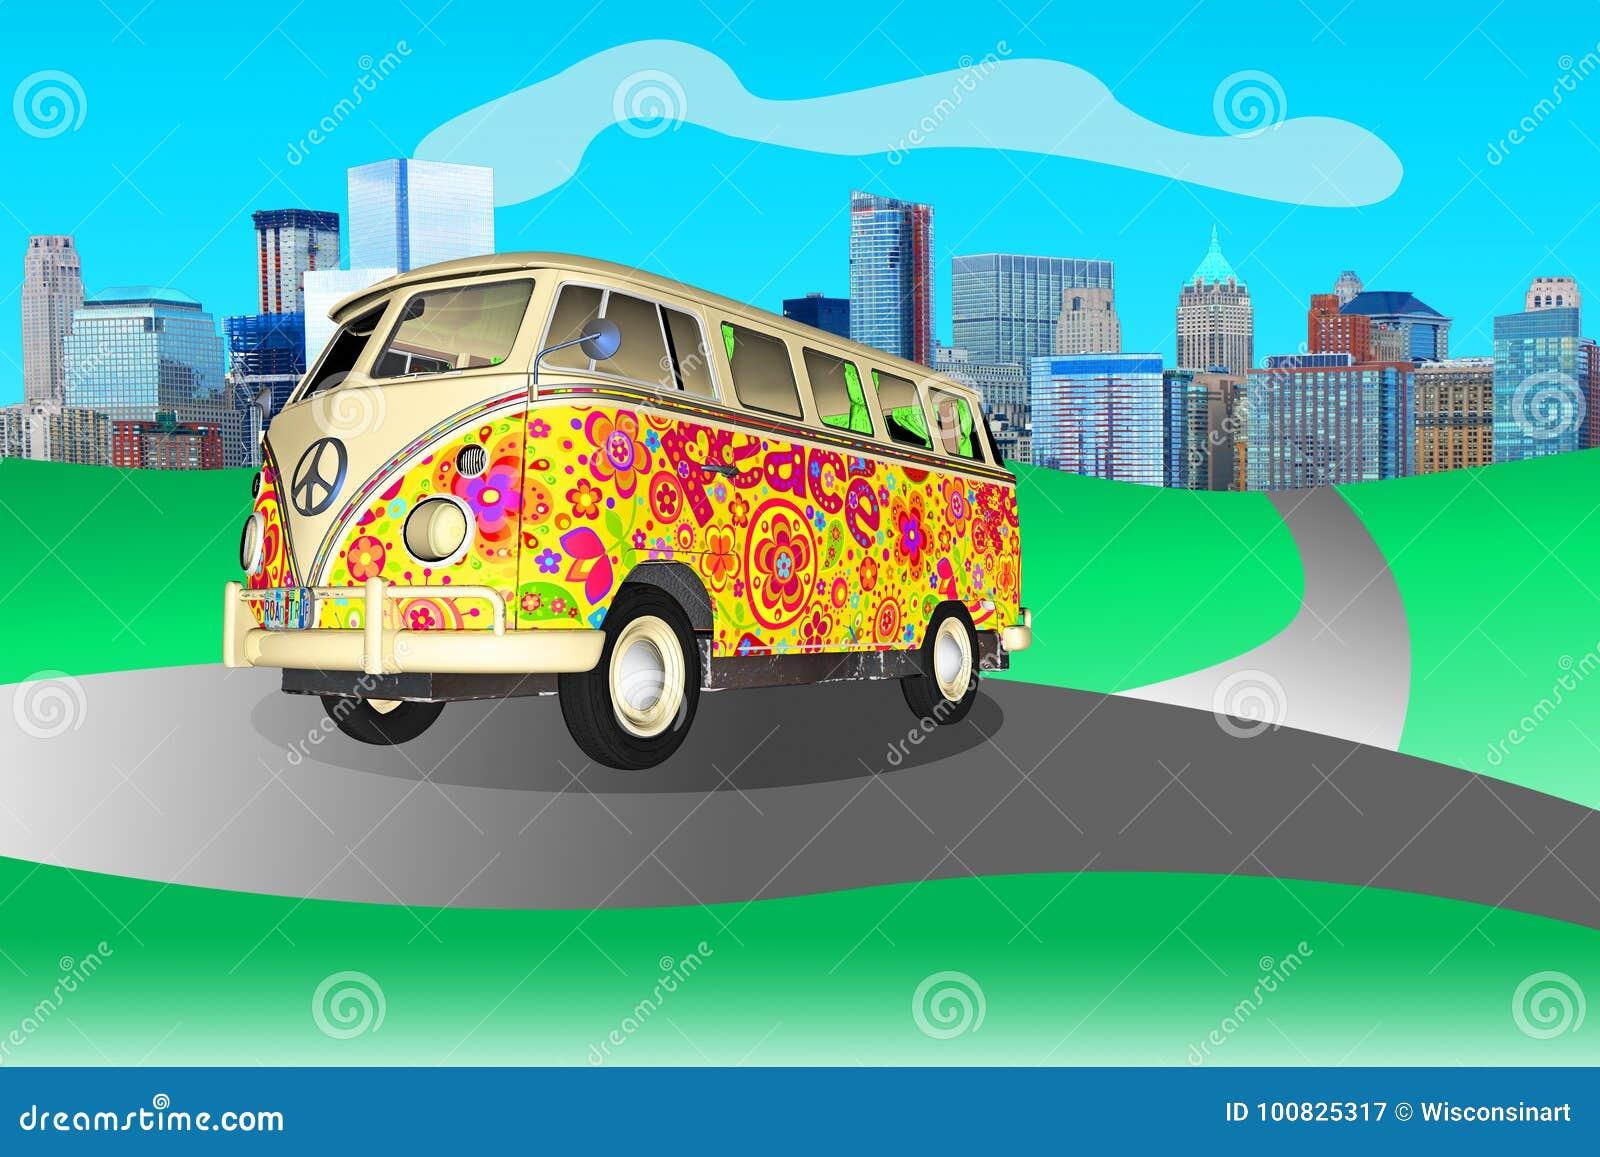 嬉皮和平爱VW公车运送